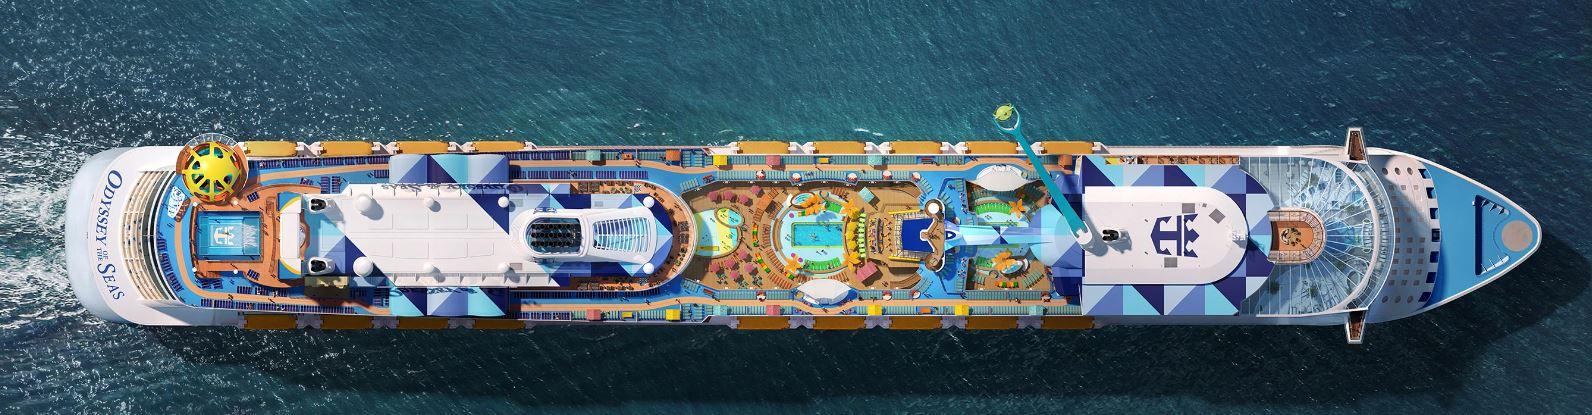 חבילות שייט היוצא מחיפה באניית פאר | Odyssey of the Seas